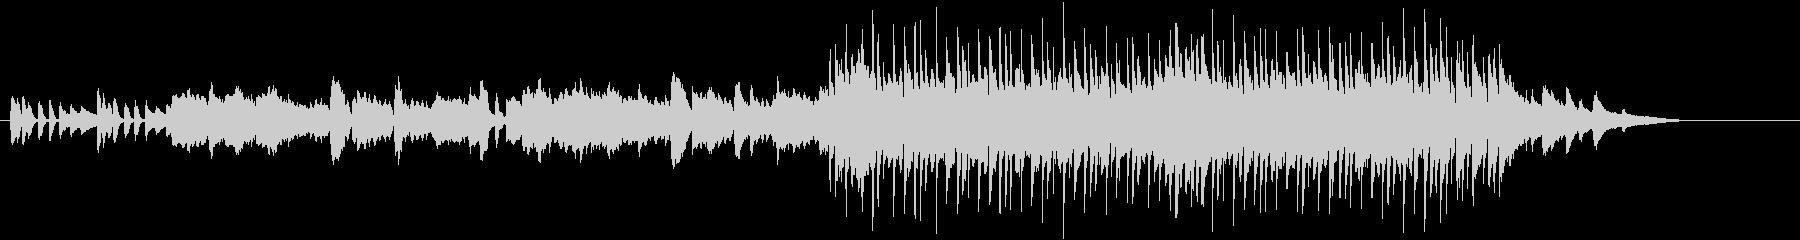 メロディー・ラインが映える和風ポップスの未再生の波形